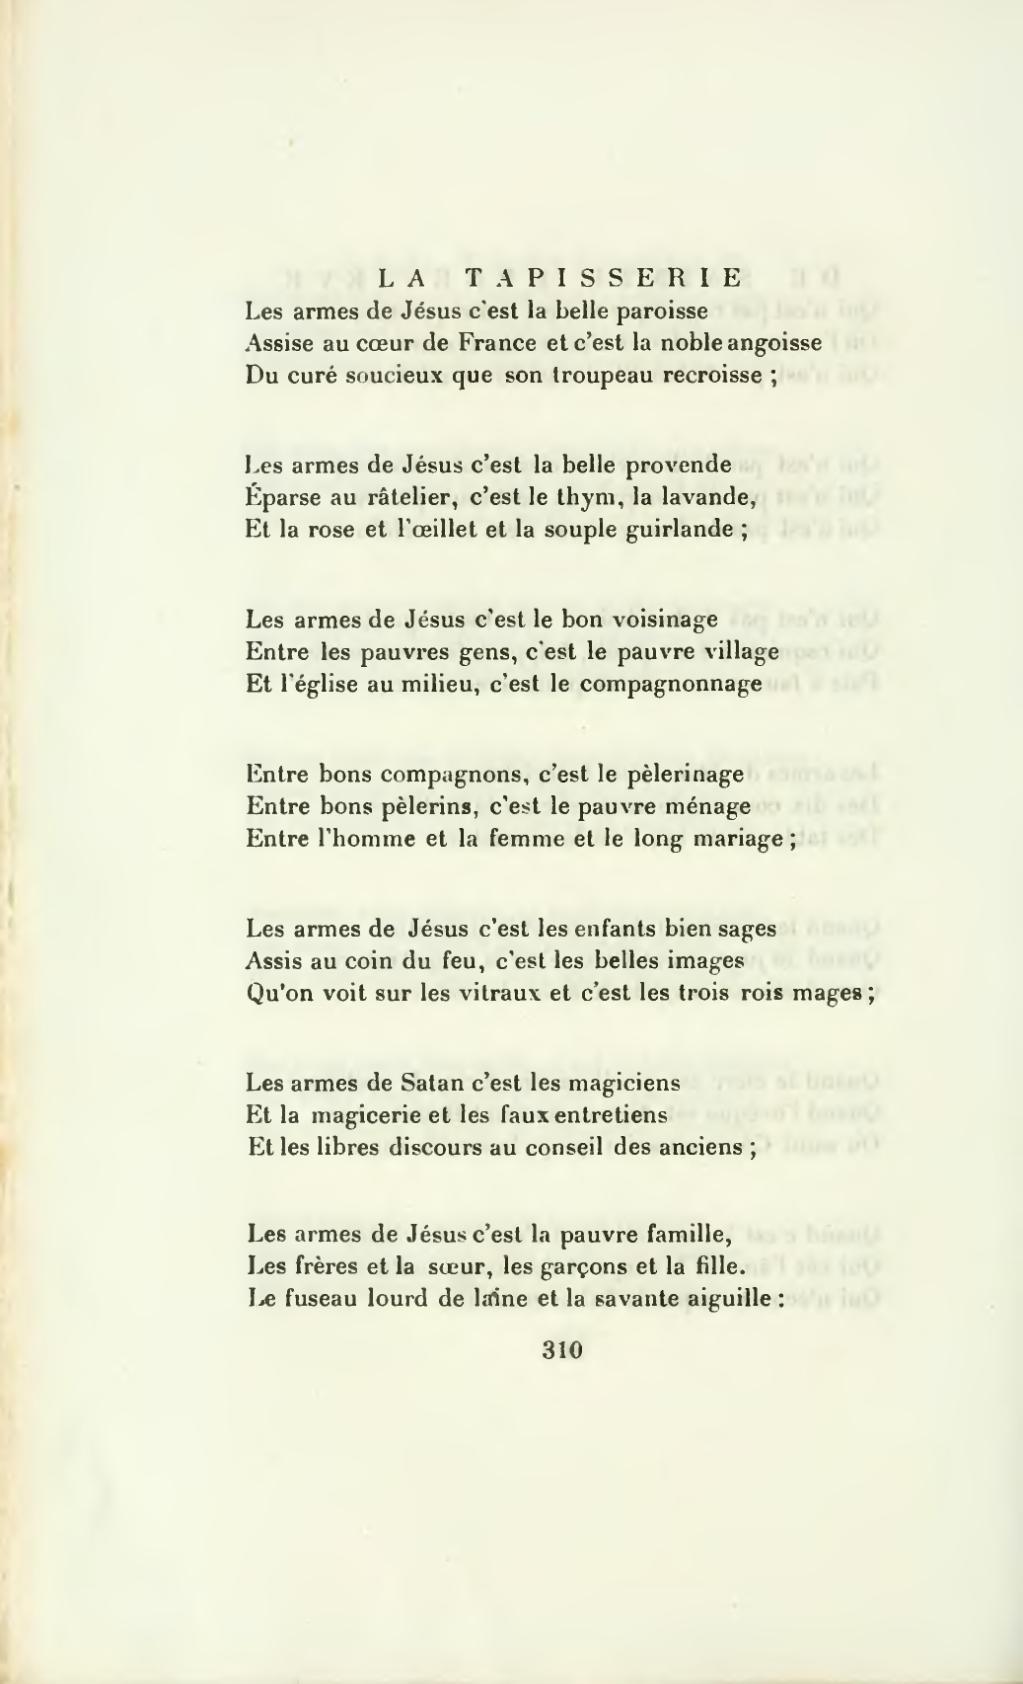 Discours D Une Soeur A Son Frere : discours, soeur, frere, Discours, Mariage, Soeur, L'organisation